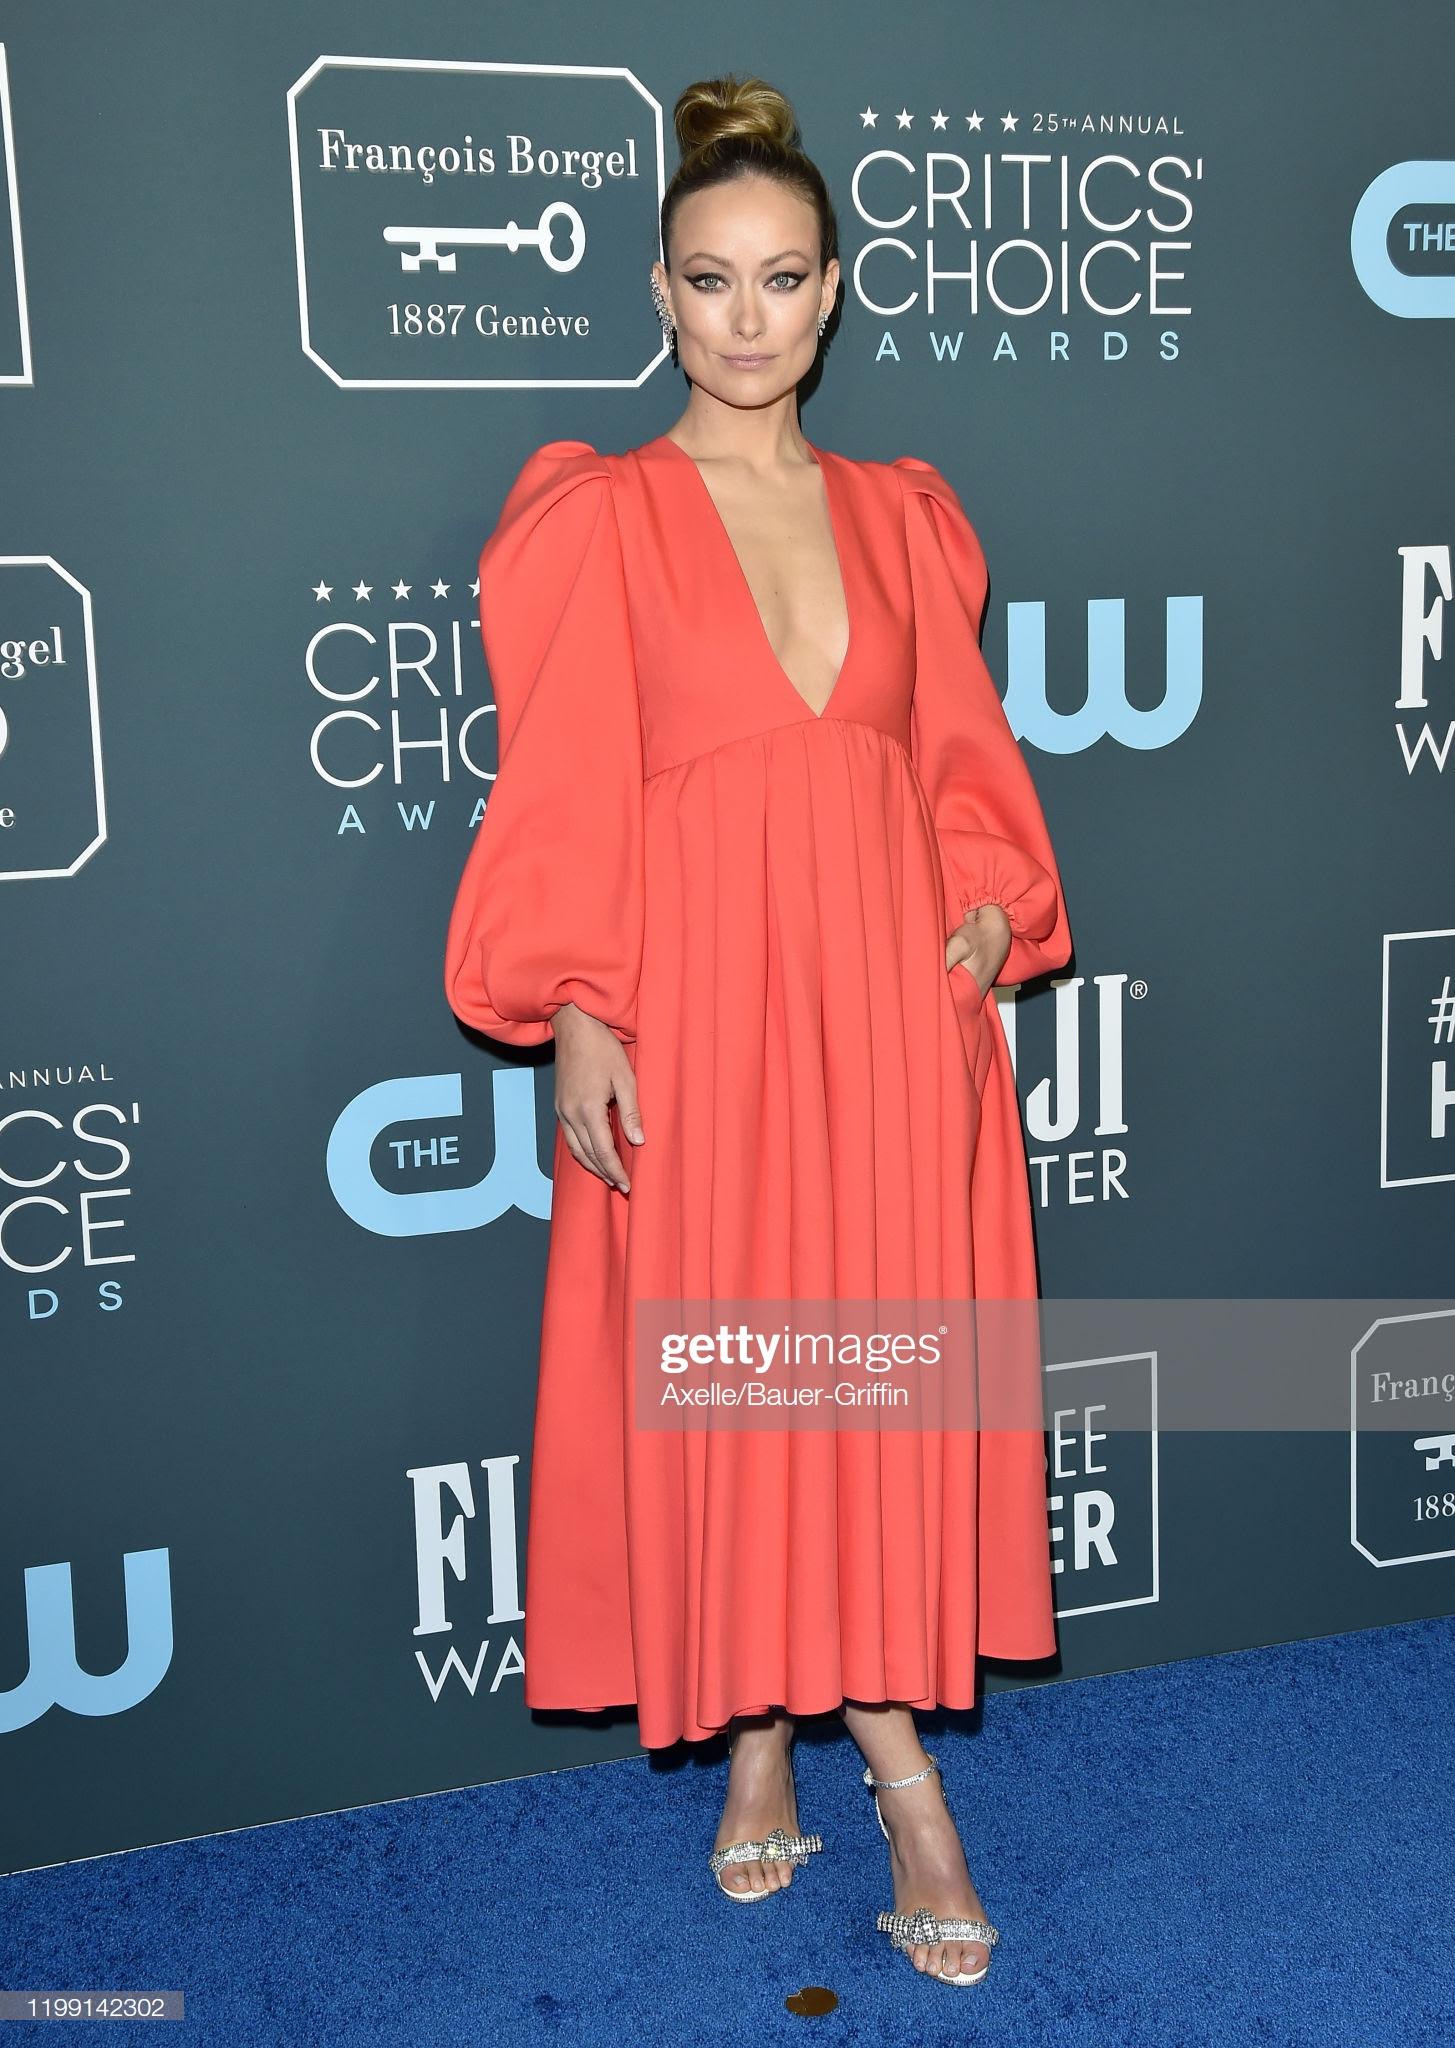 fe939c3a 7d59 44a9 b49b 216c274a08aa - Jennifer Lopez y Emily,entre las celebrities que apostaron por Jimmy Choo en los Critics' Choice Awards